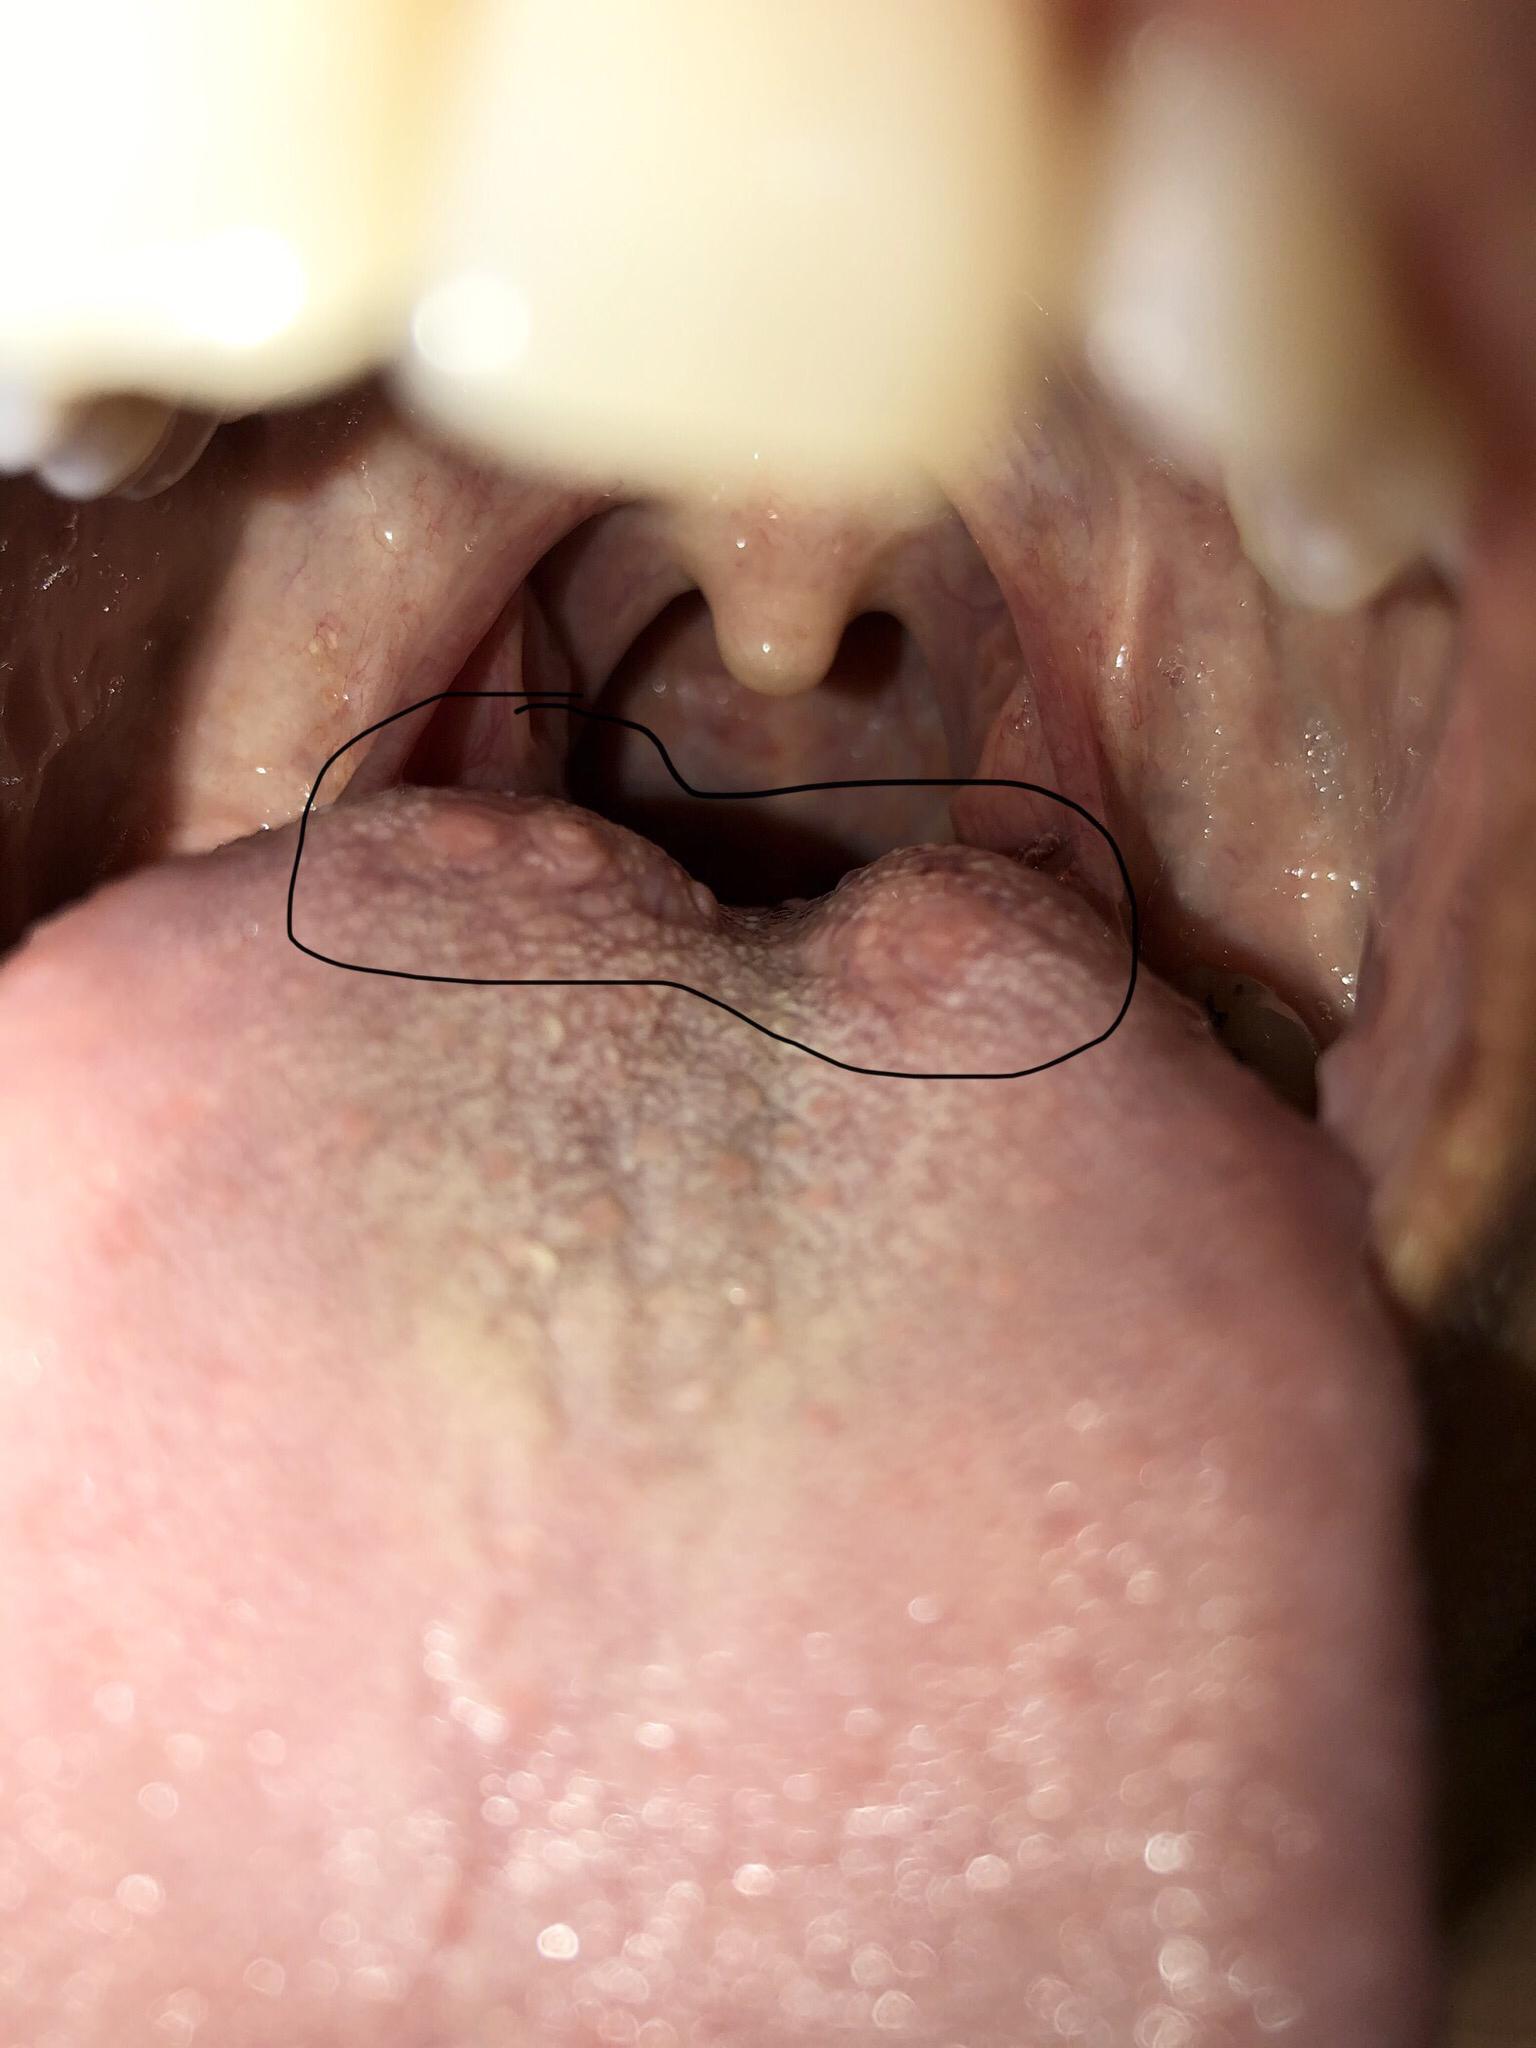 Warts on back tongue - Mouth warts on tongue,